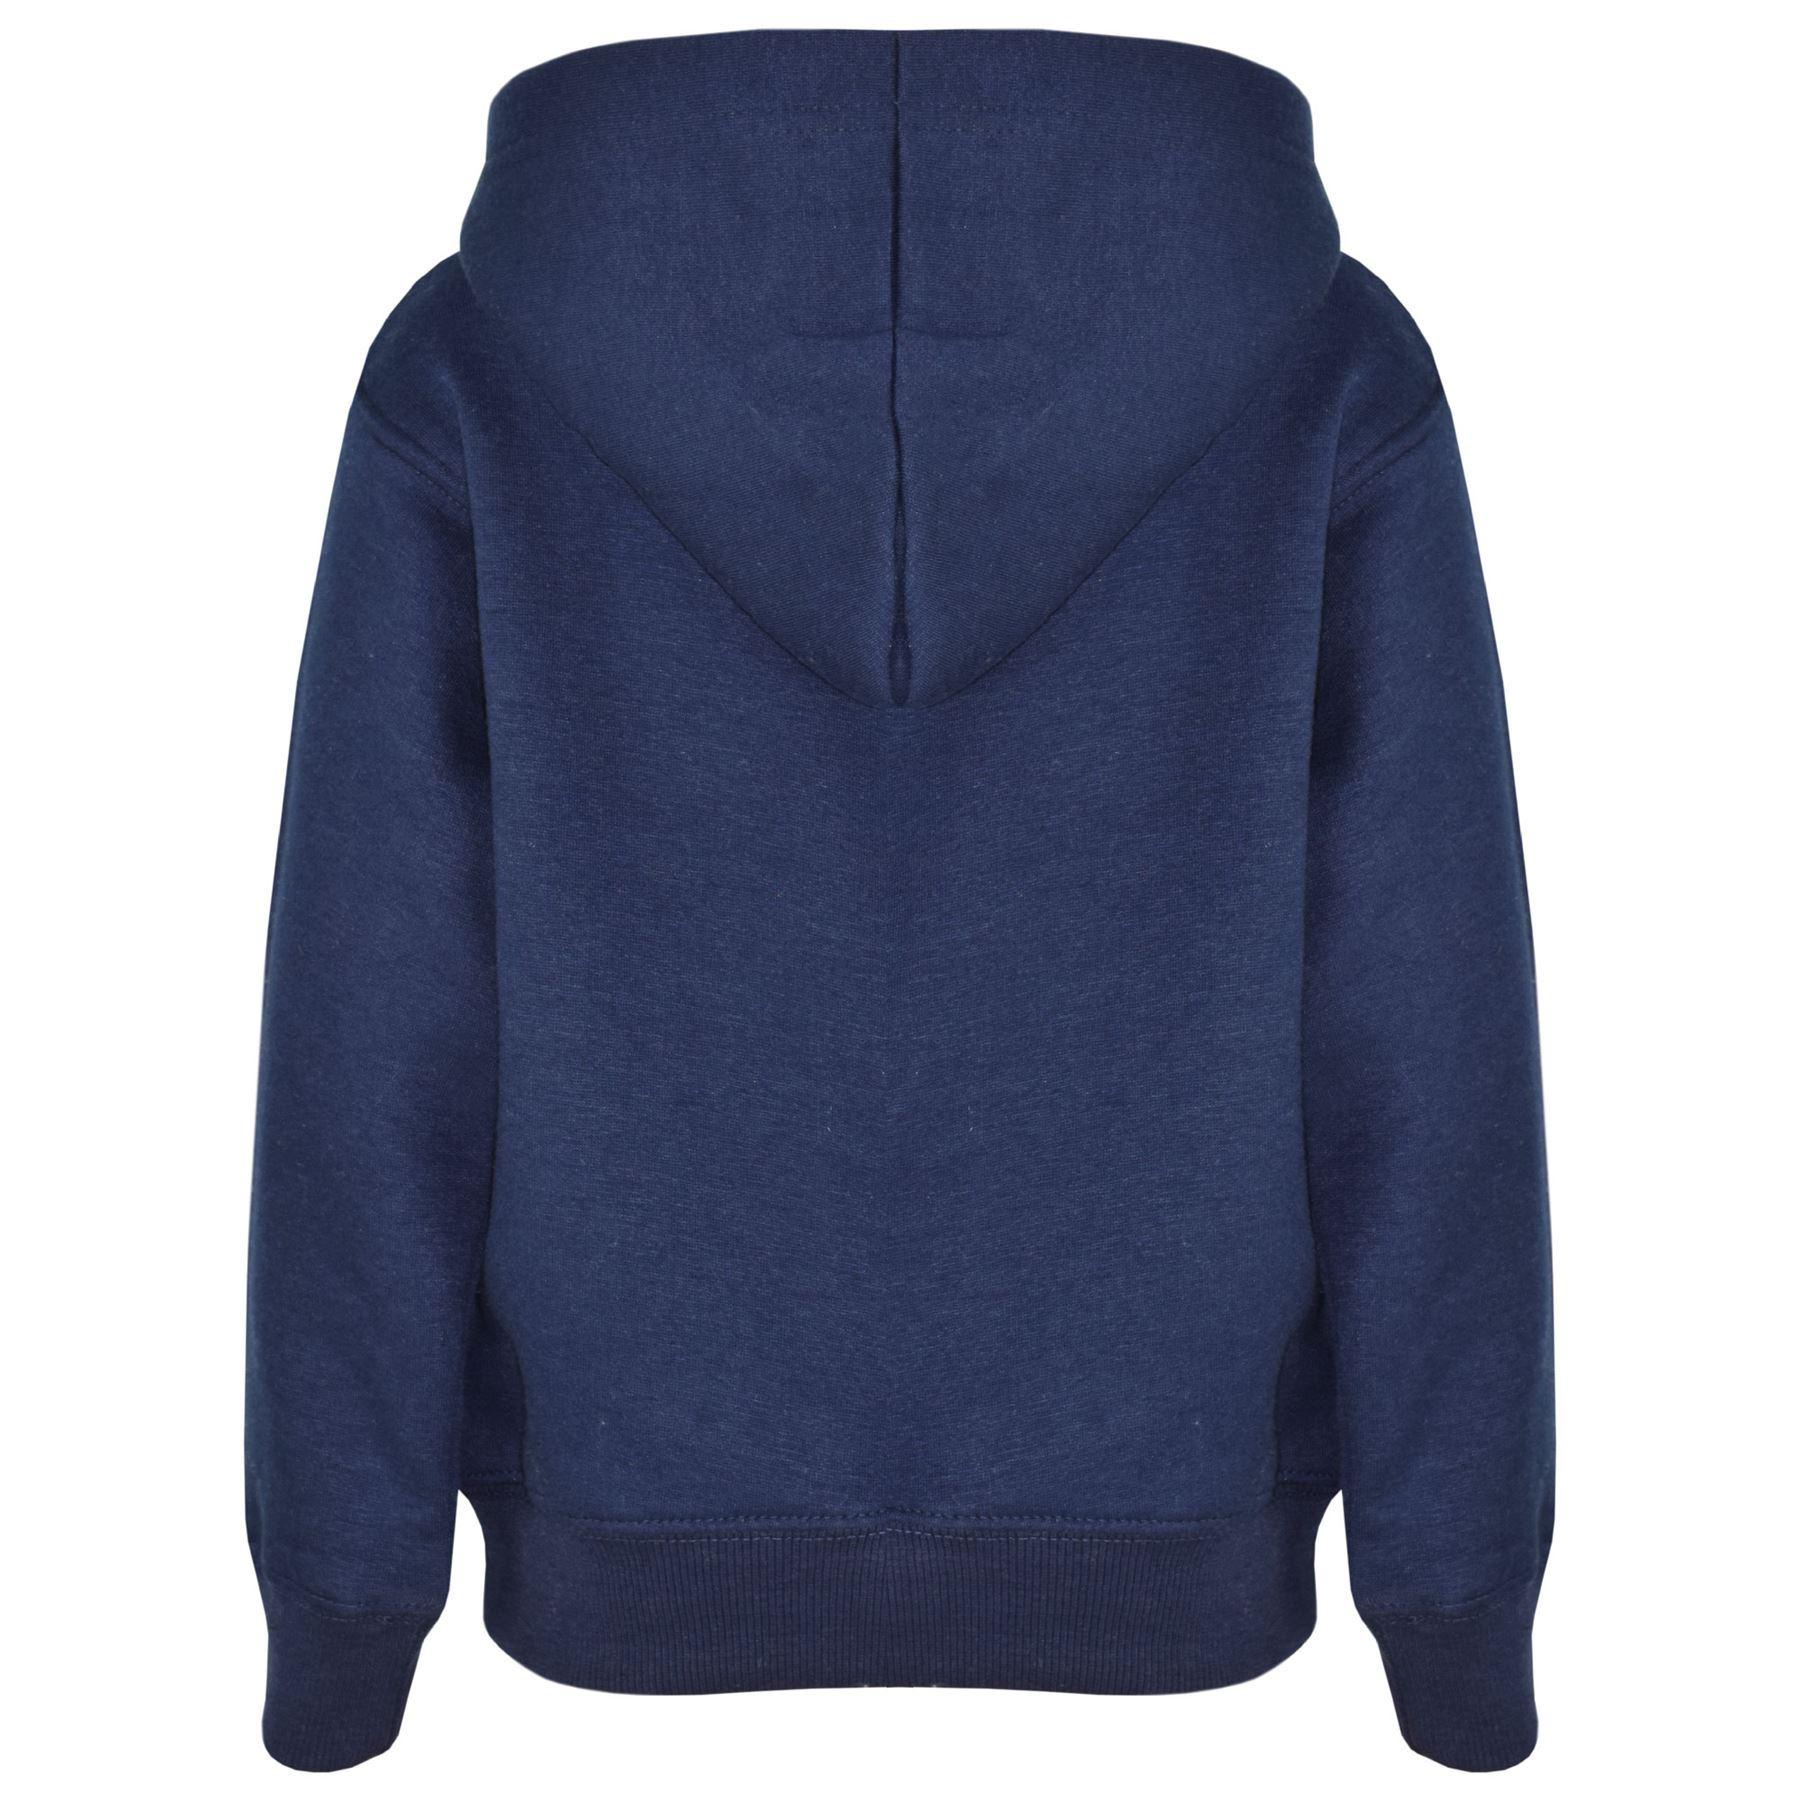 Kids Plain Heavy Blend Pullover Hooded Jumper Hoody Sweatshirt Hoodie Age 3-13